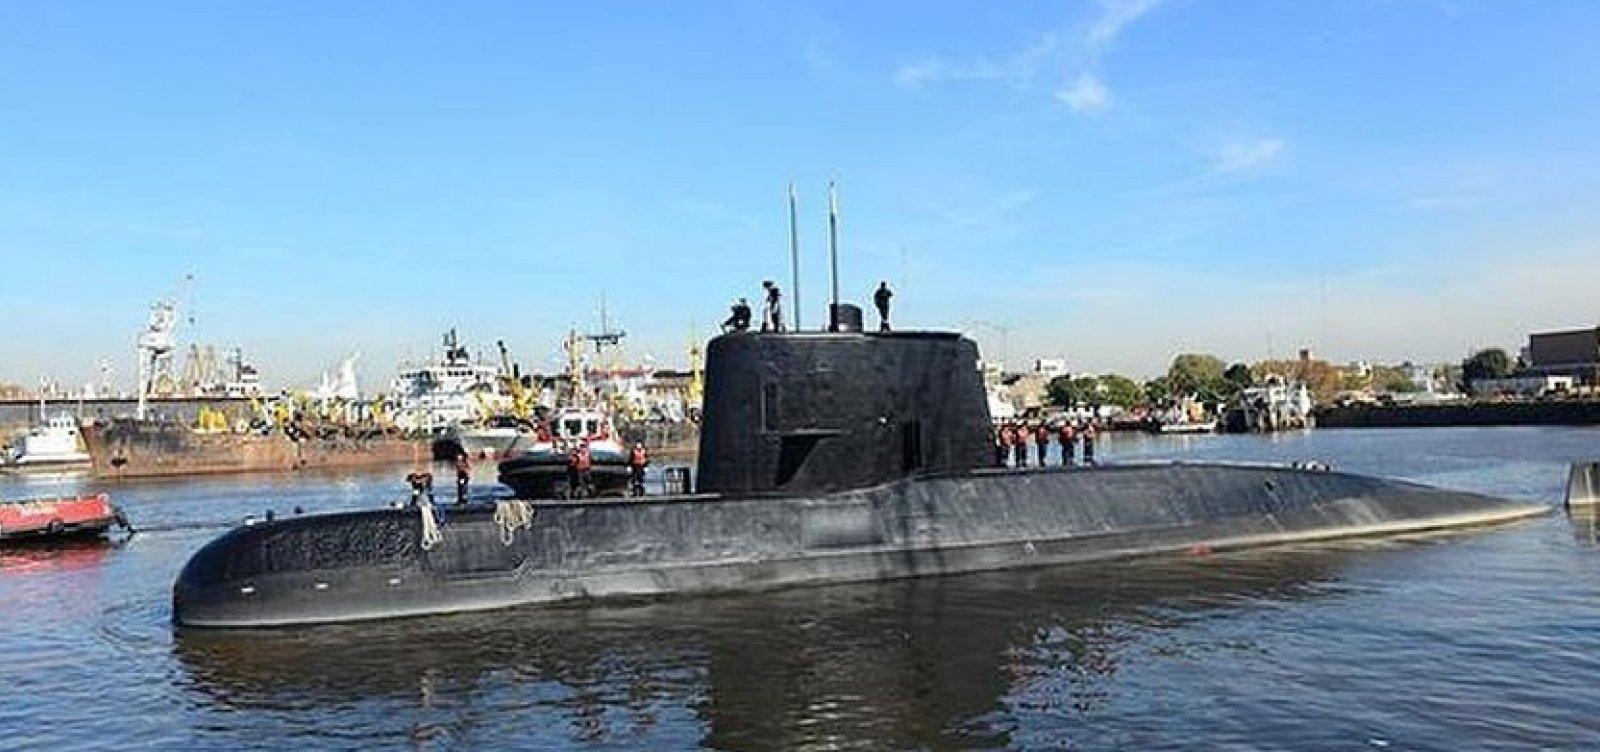 [Submarino argentino desaparecido é encontrado após um ano e um dia]